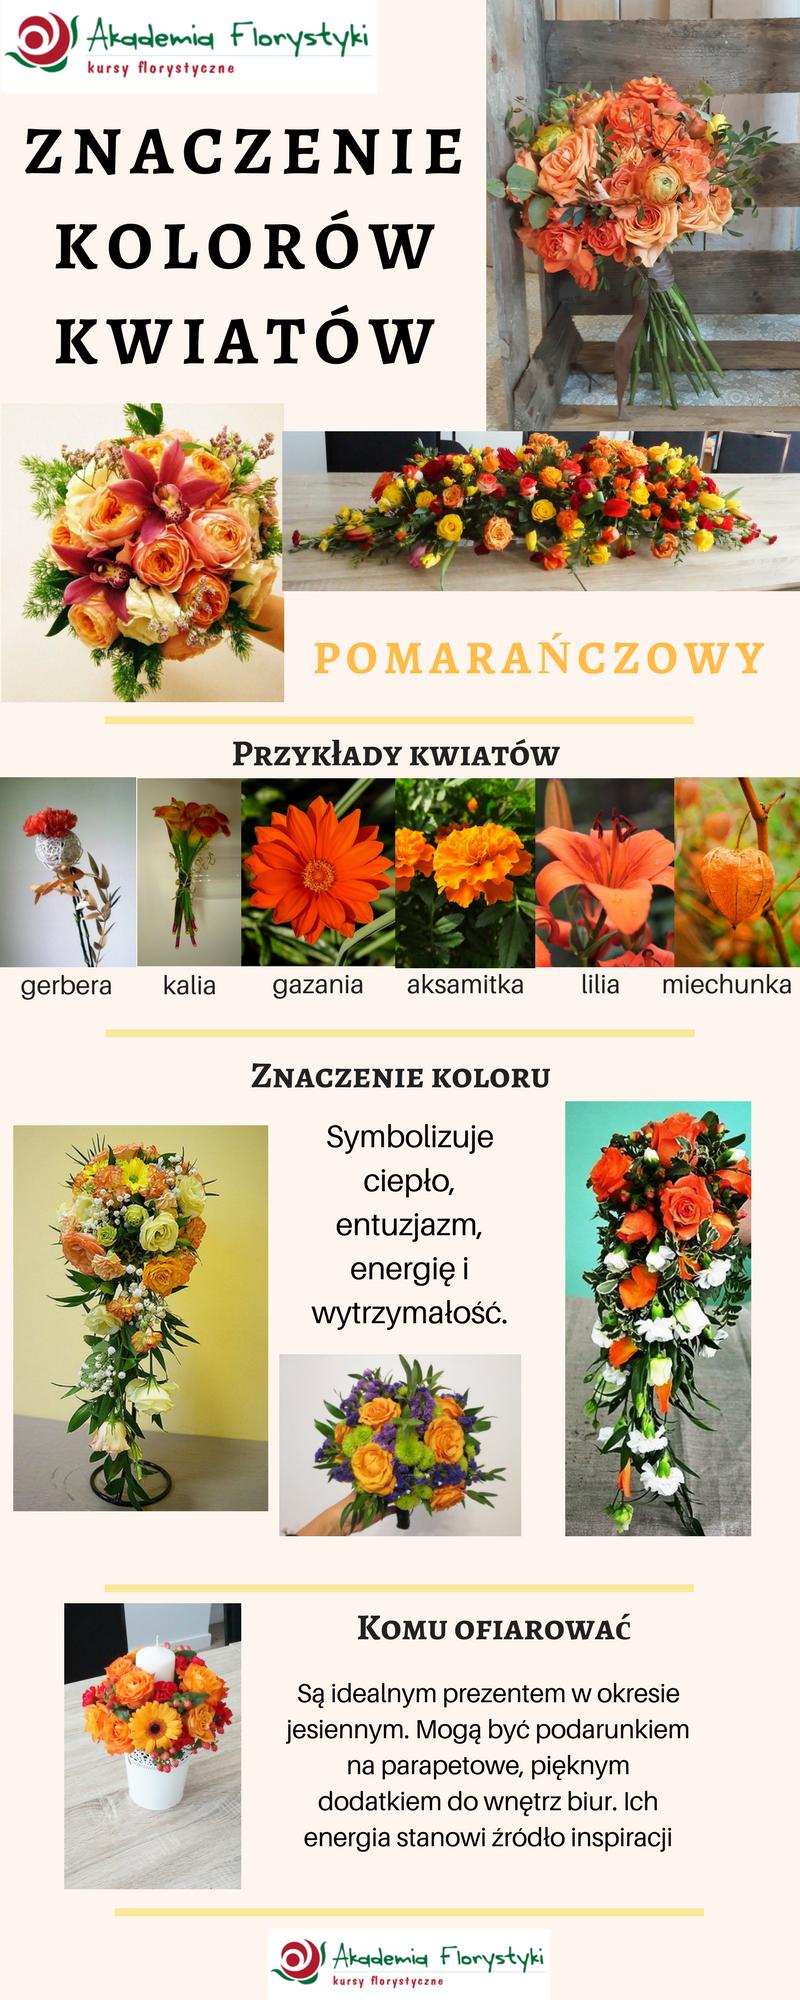 znaczenie kolorów kwiatów - kwiaty pomarańczowe